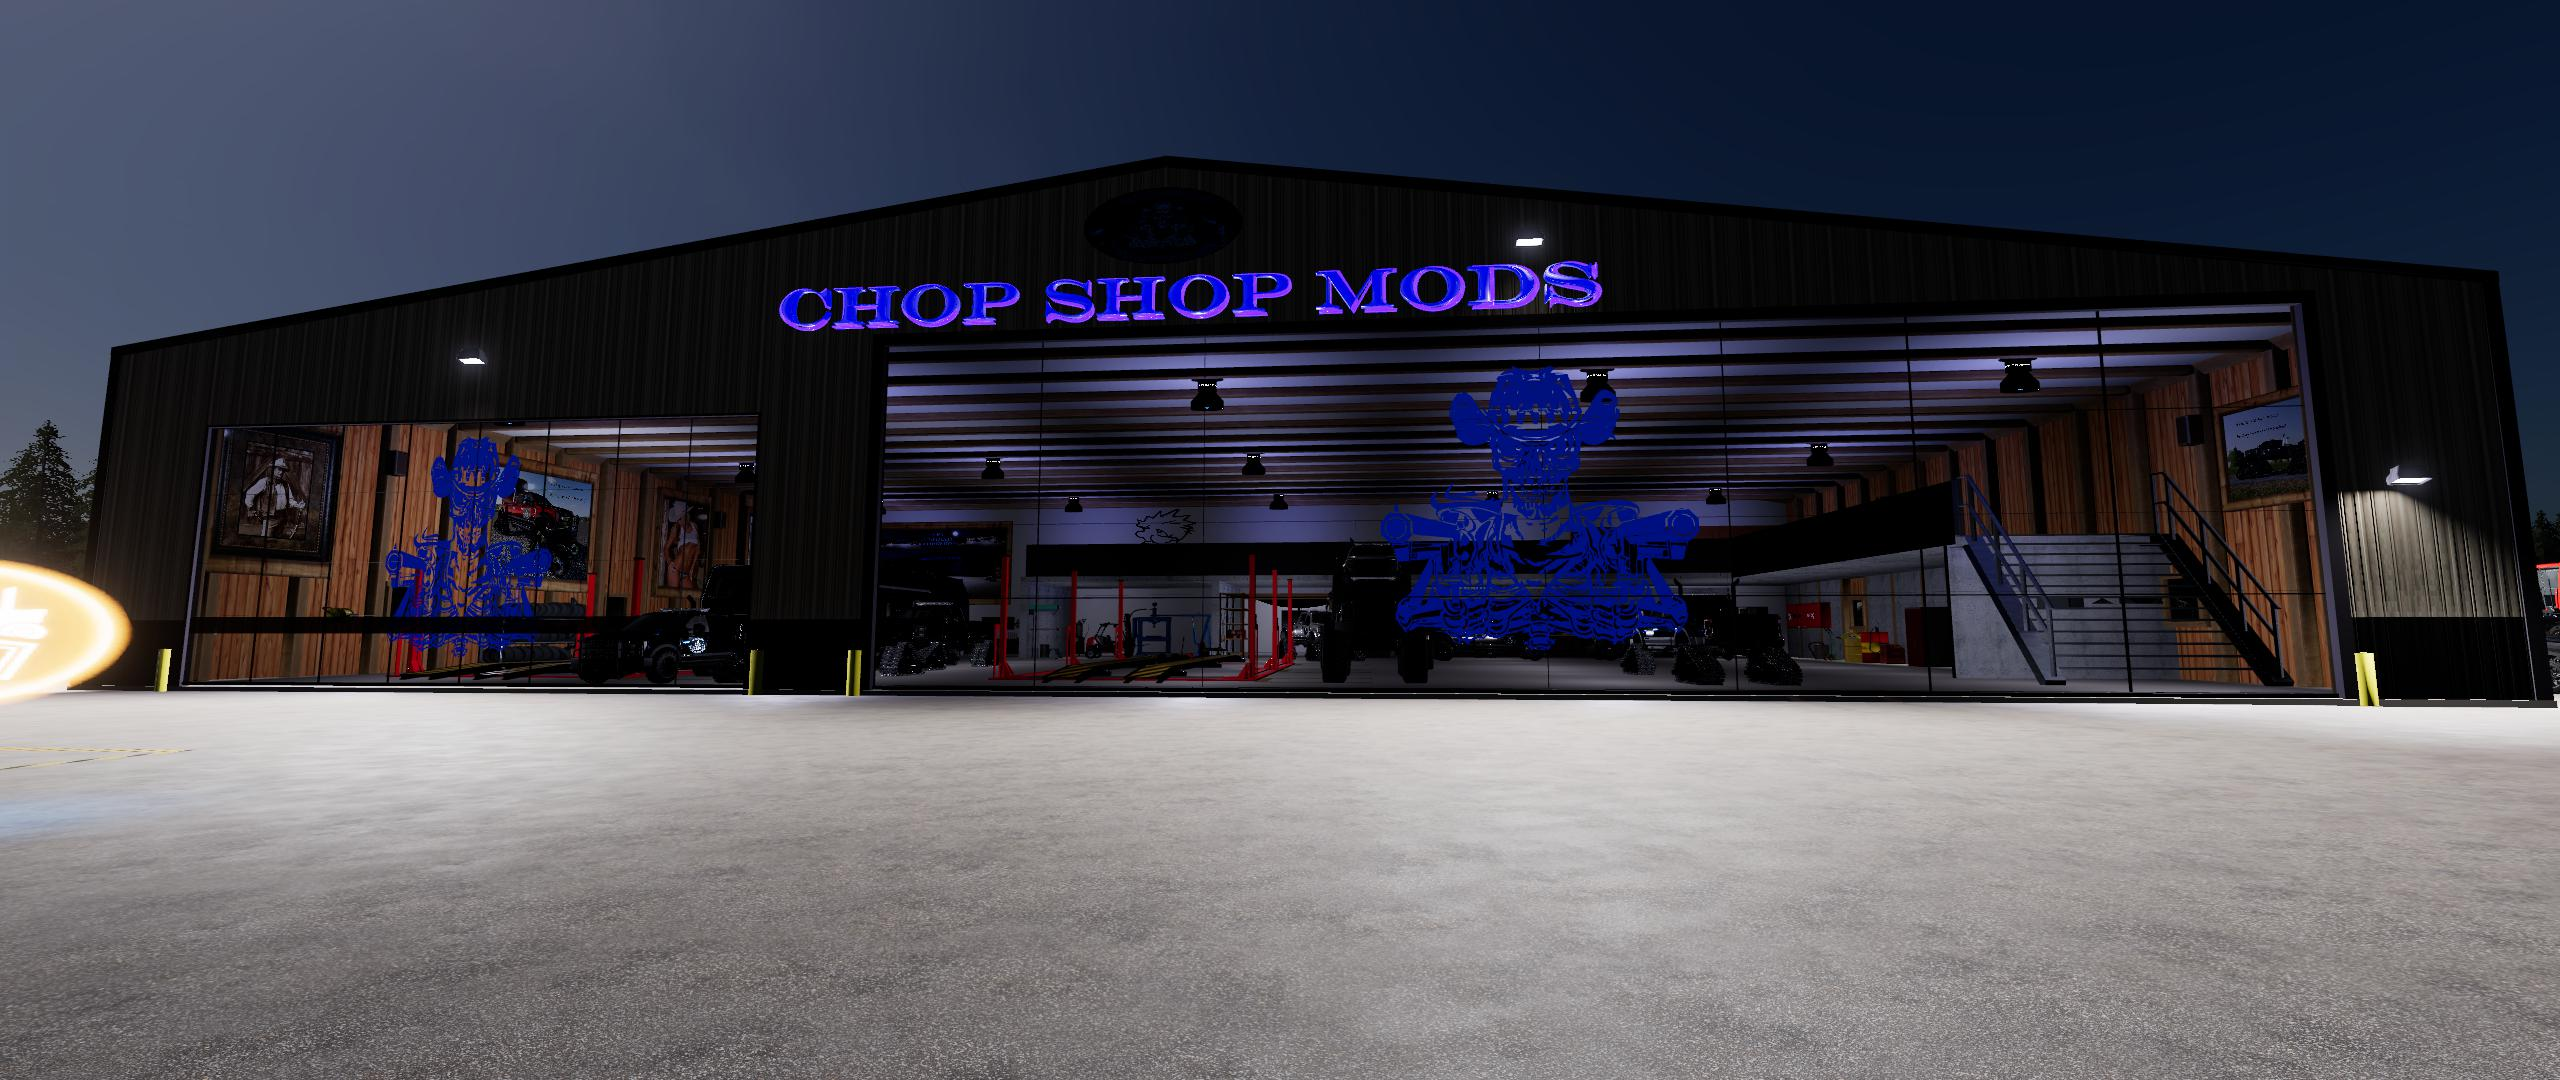 Fs19 Chop Shop Mods Csm Ultimate Workshop V1 0 10